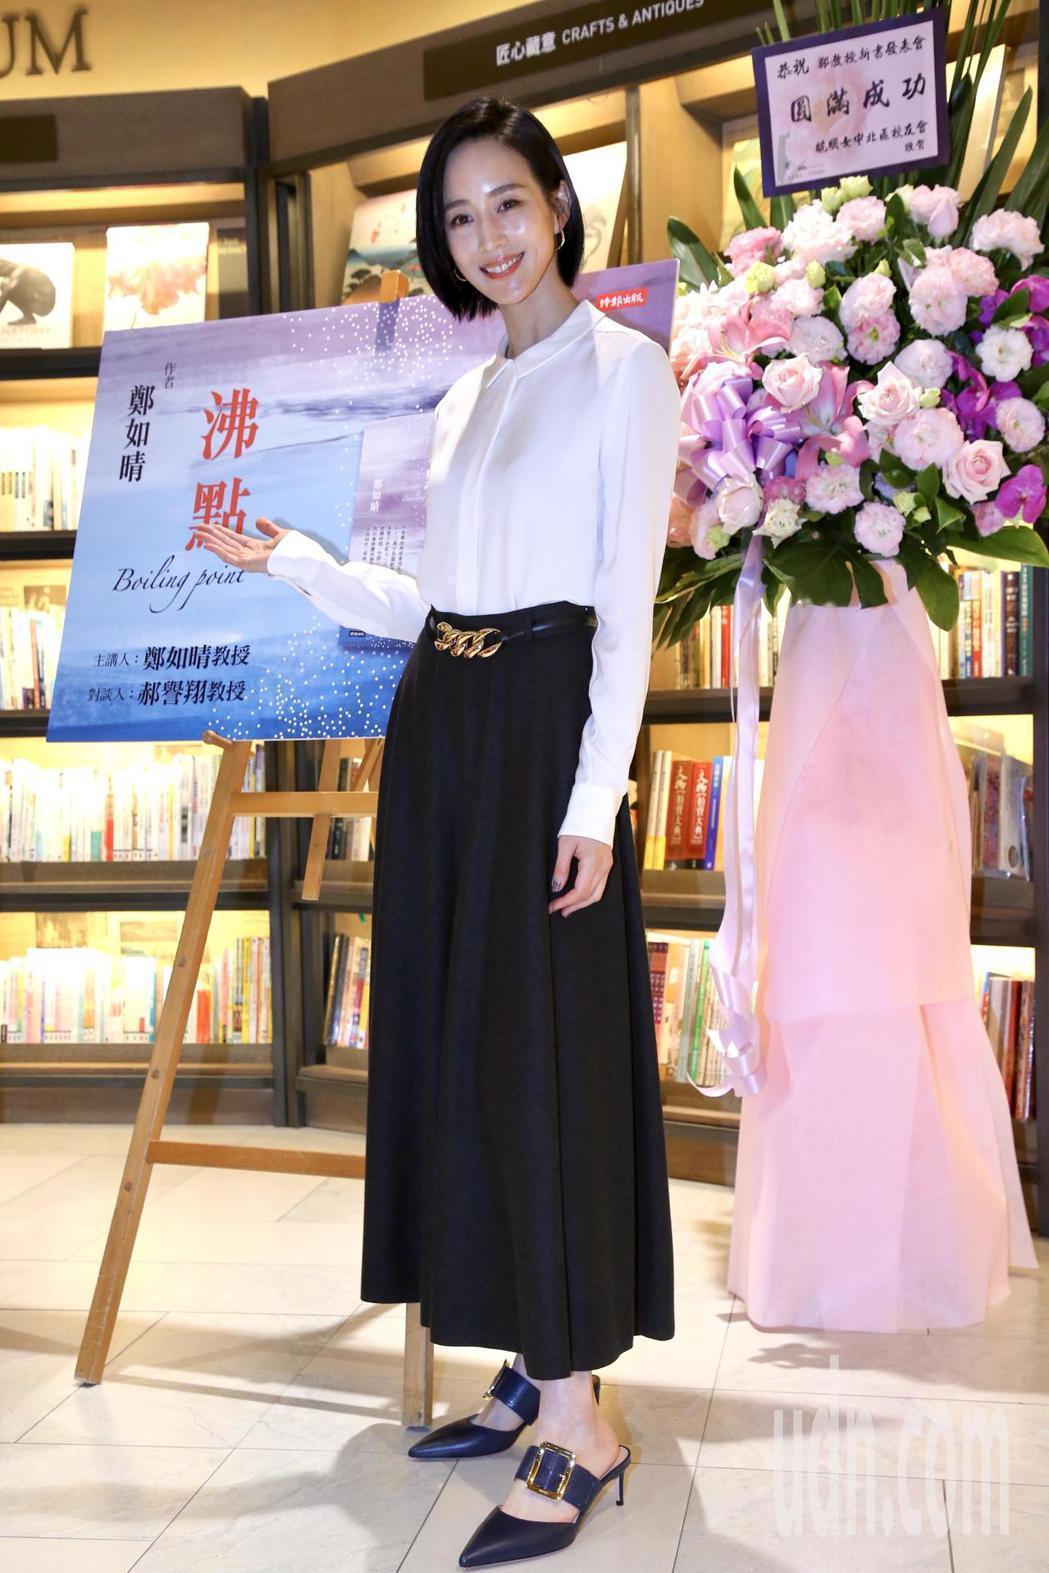 張鈞甯現身作家媽媽鄭如晴新書「沸點」分享會。記者林俊良/攝影